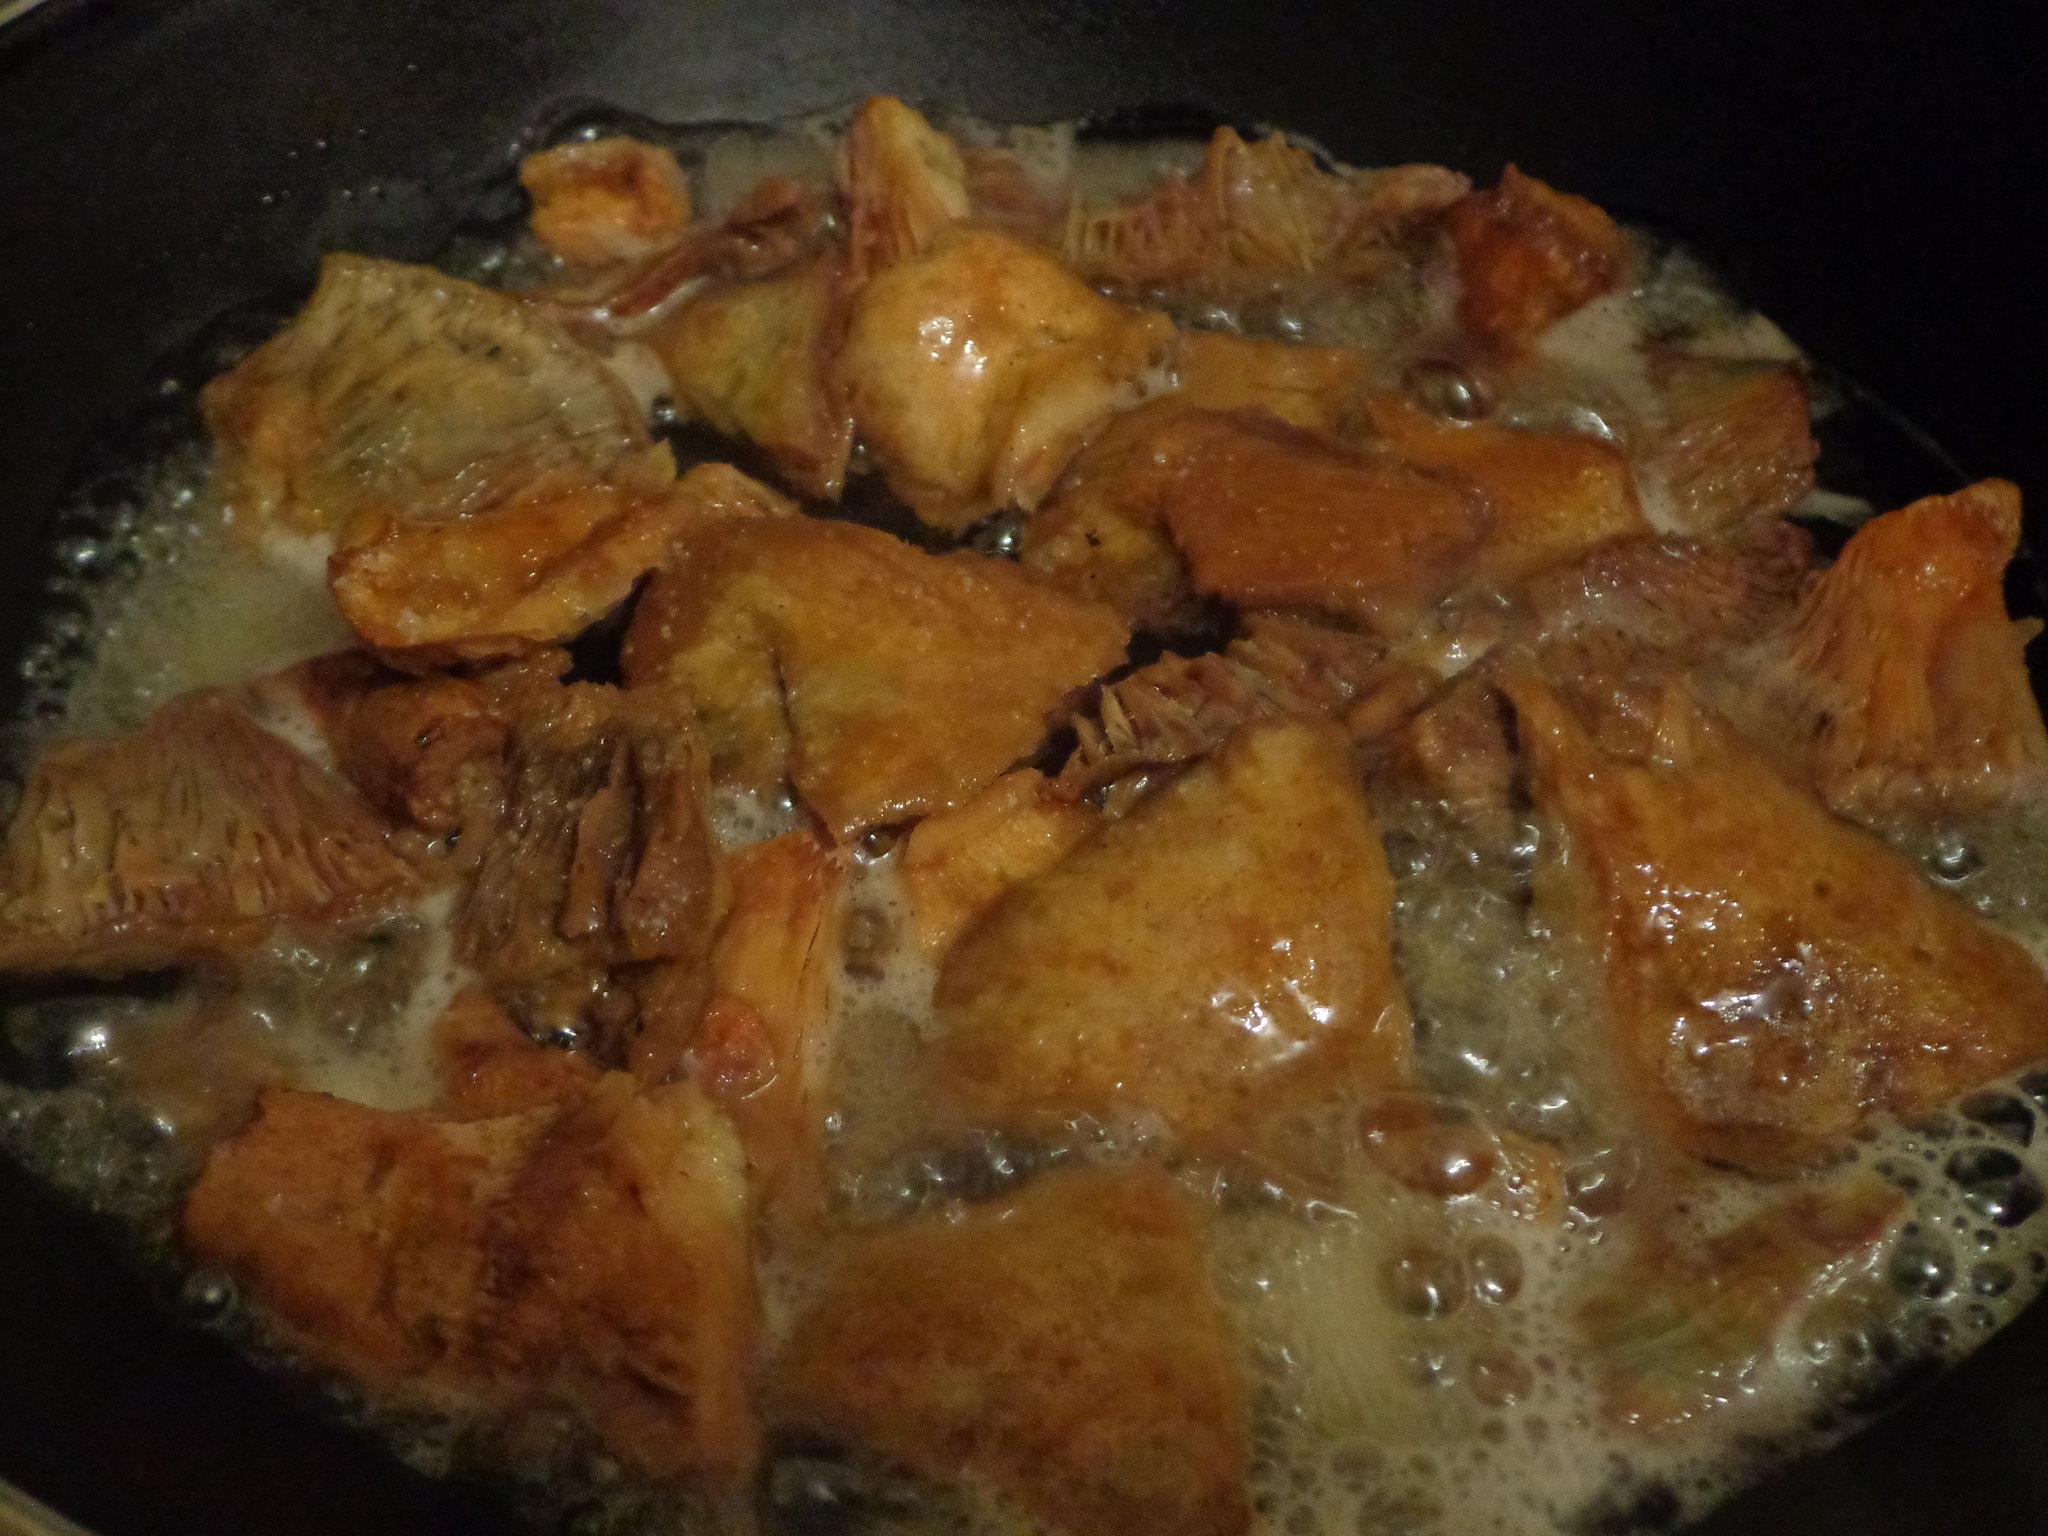 Τηγάνισμα, μαγείρεμα των Μανίτων